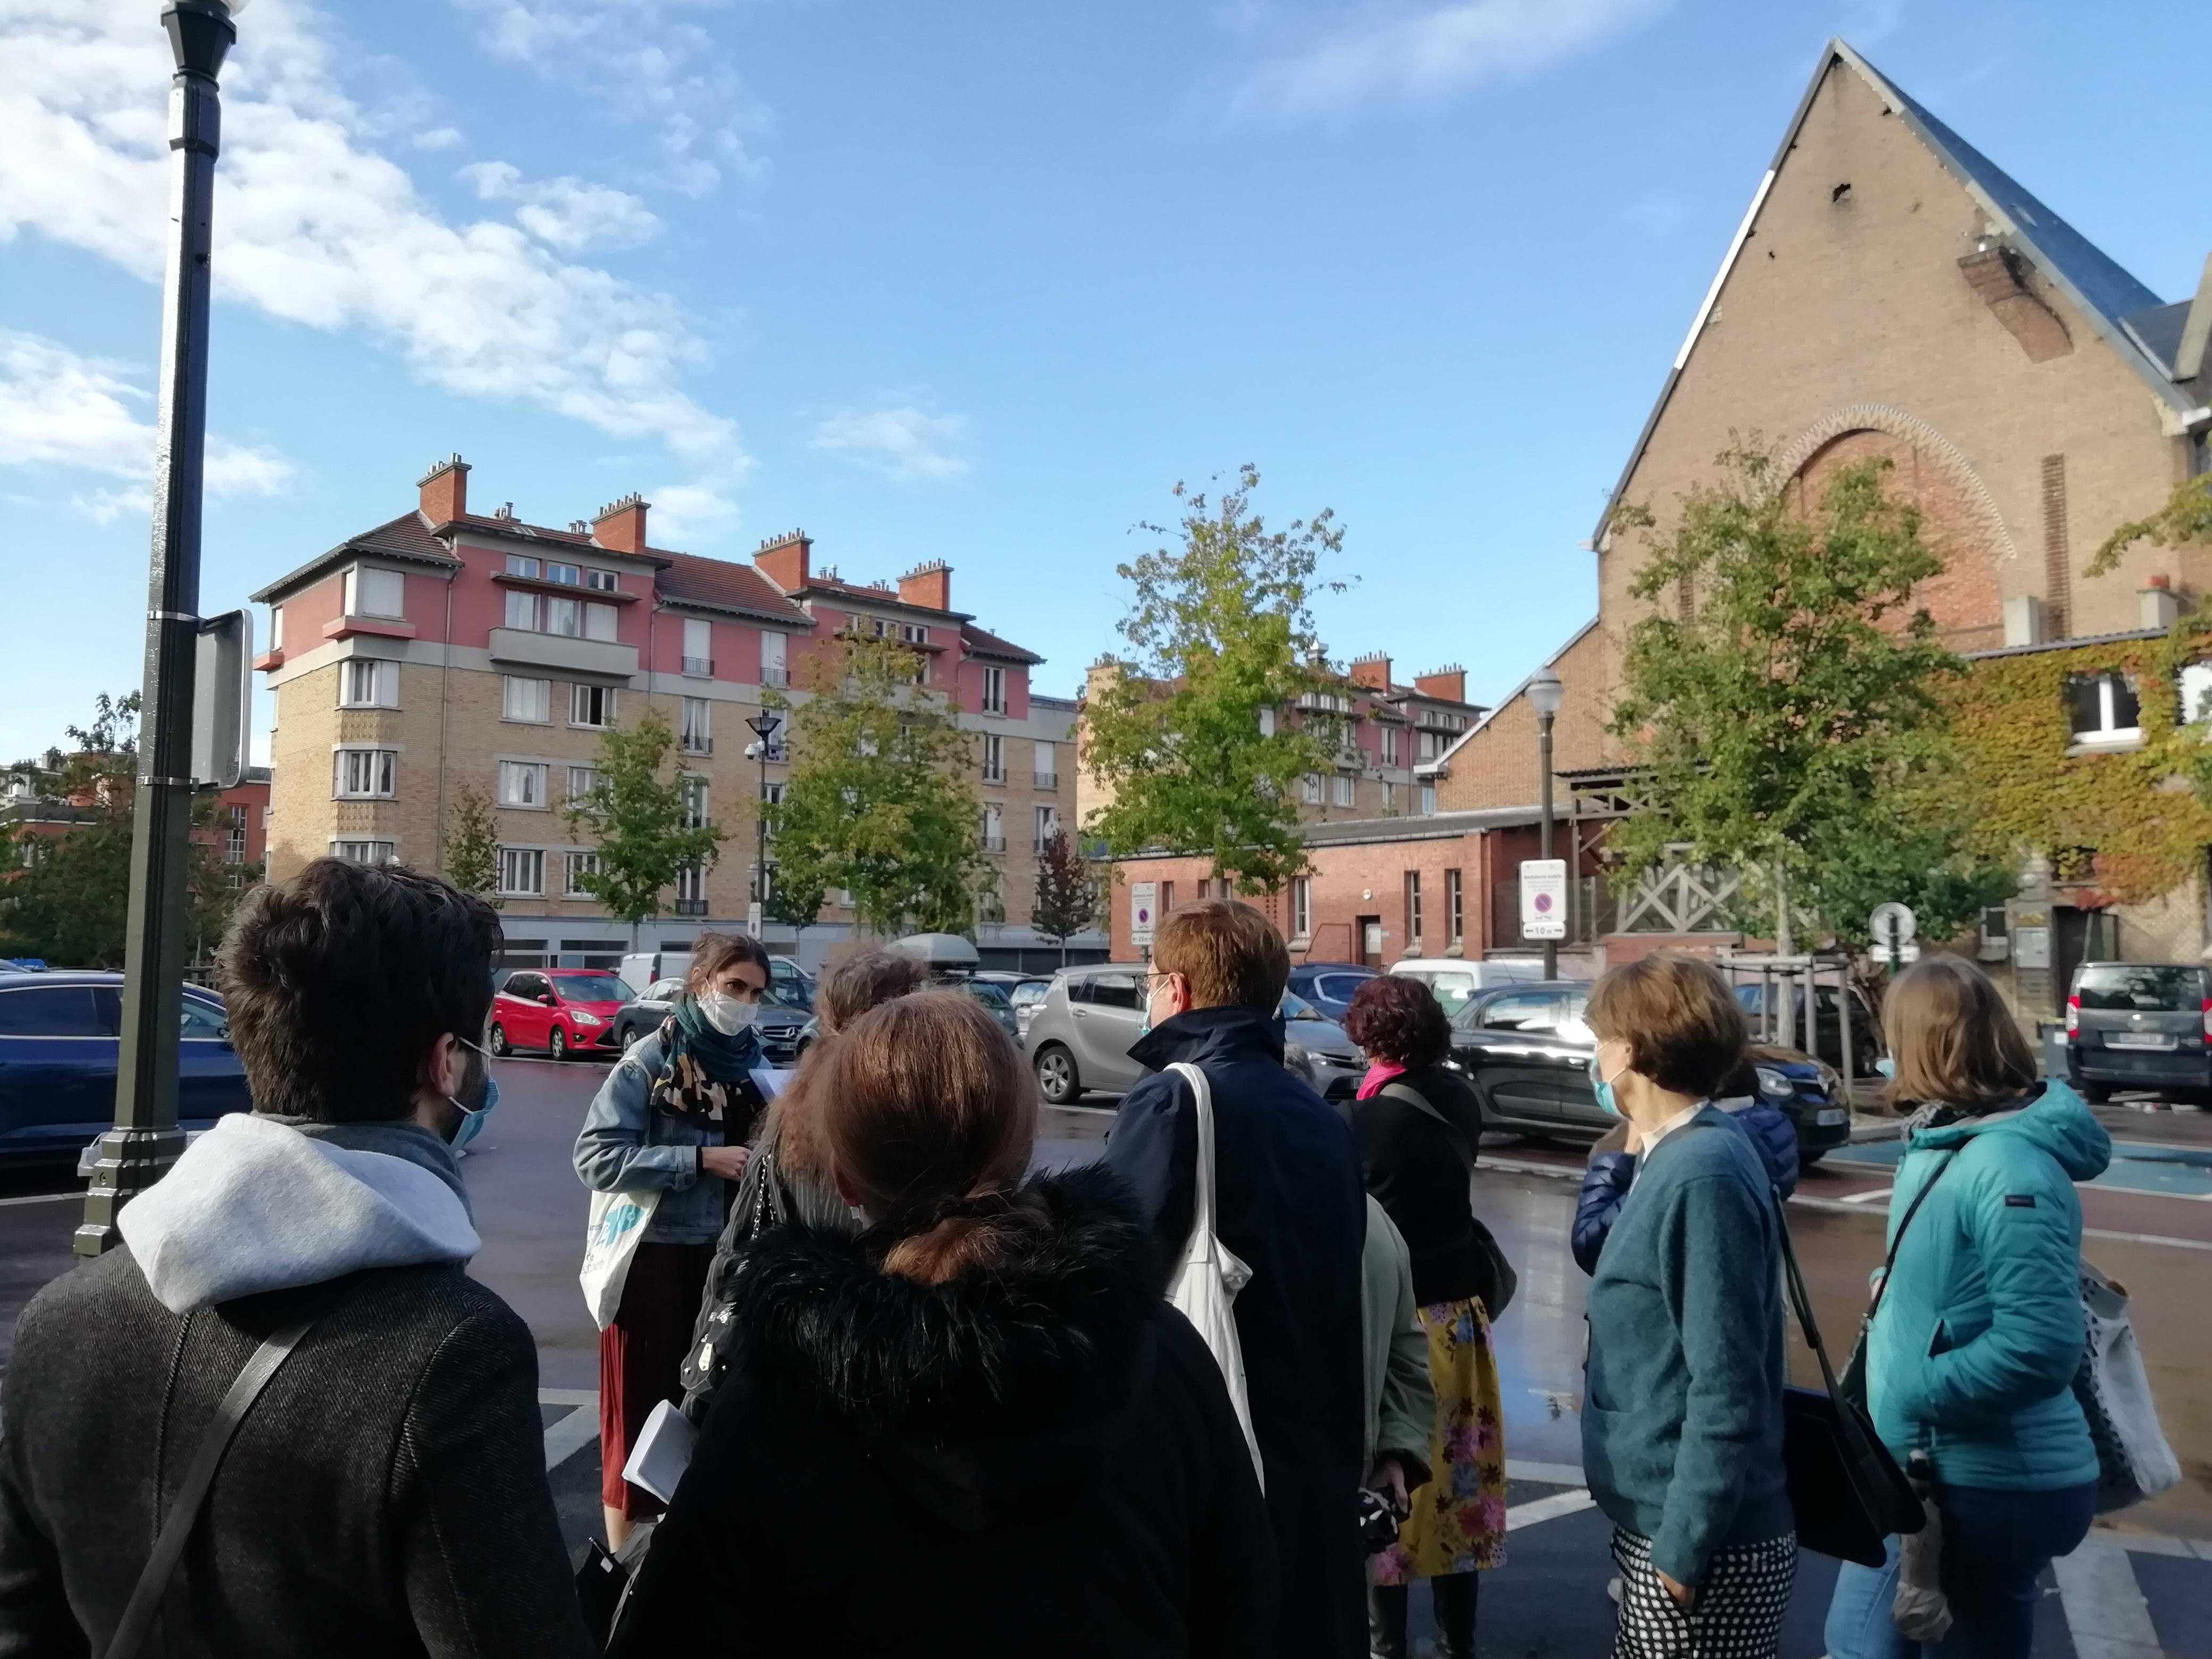 Les cités-jardins en automne / Visite de la cité-jardin de Suresnes